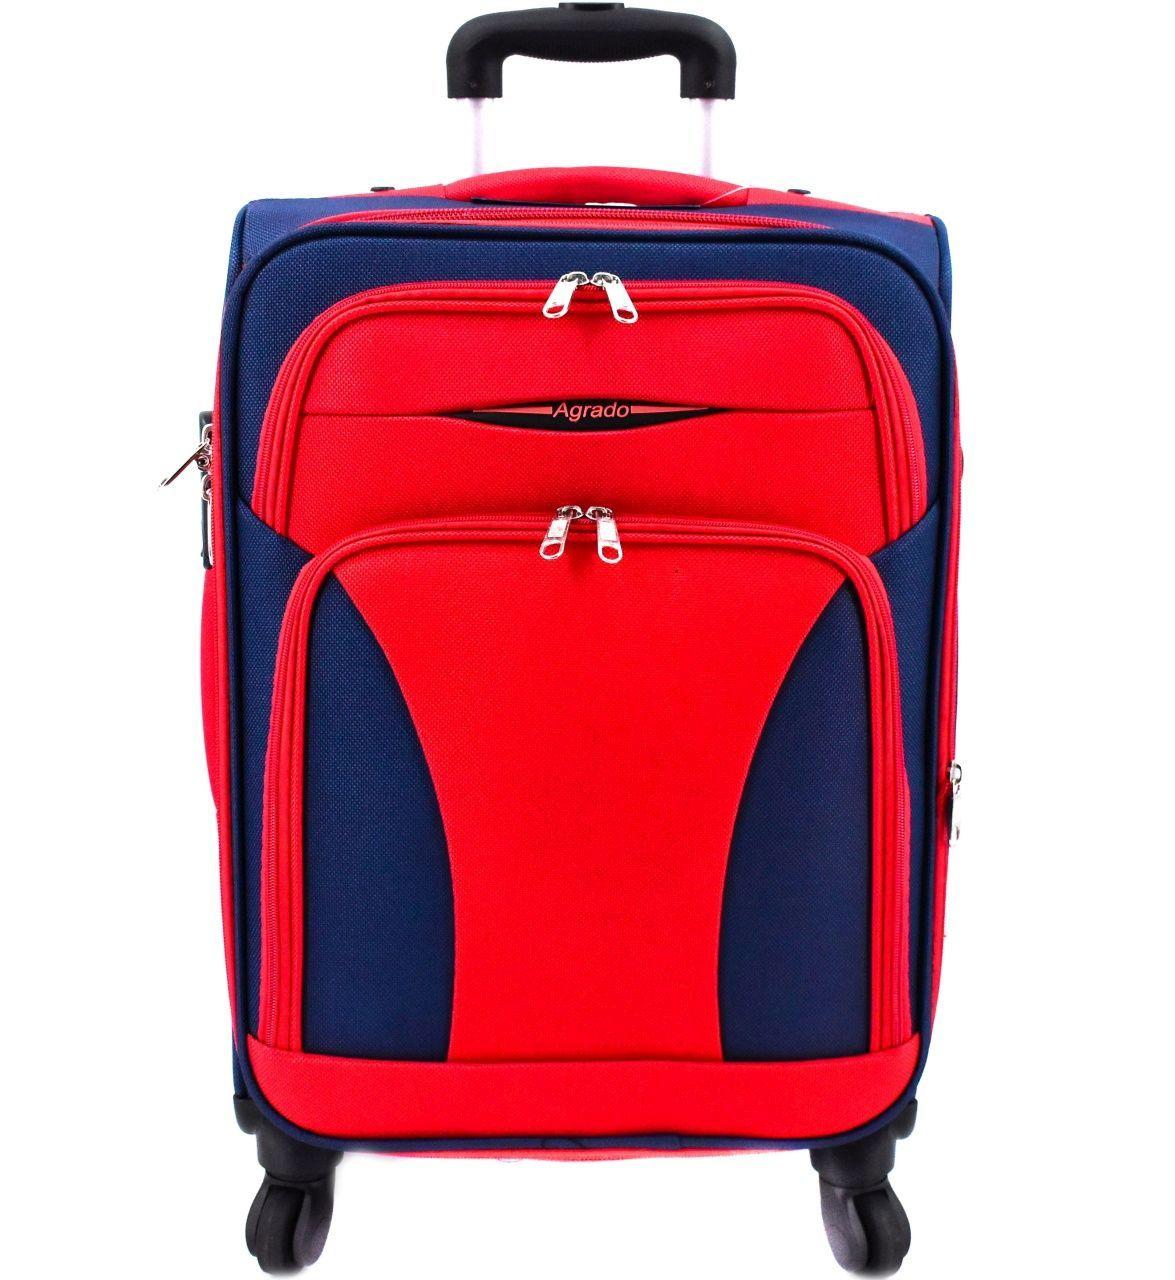 Cestovní textilní kufr na čtyřech kolečkách Agrado (XS) 35l - modrá/červená 8021 (SX)